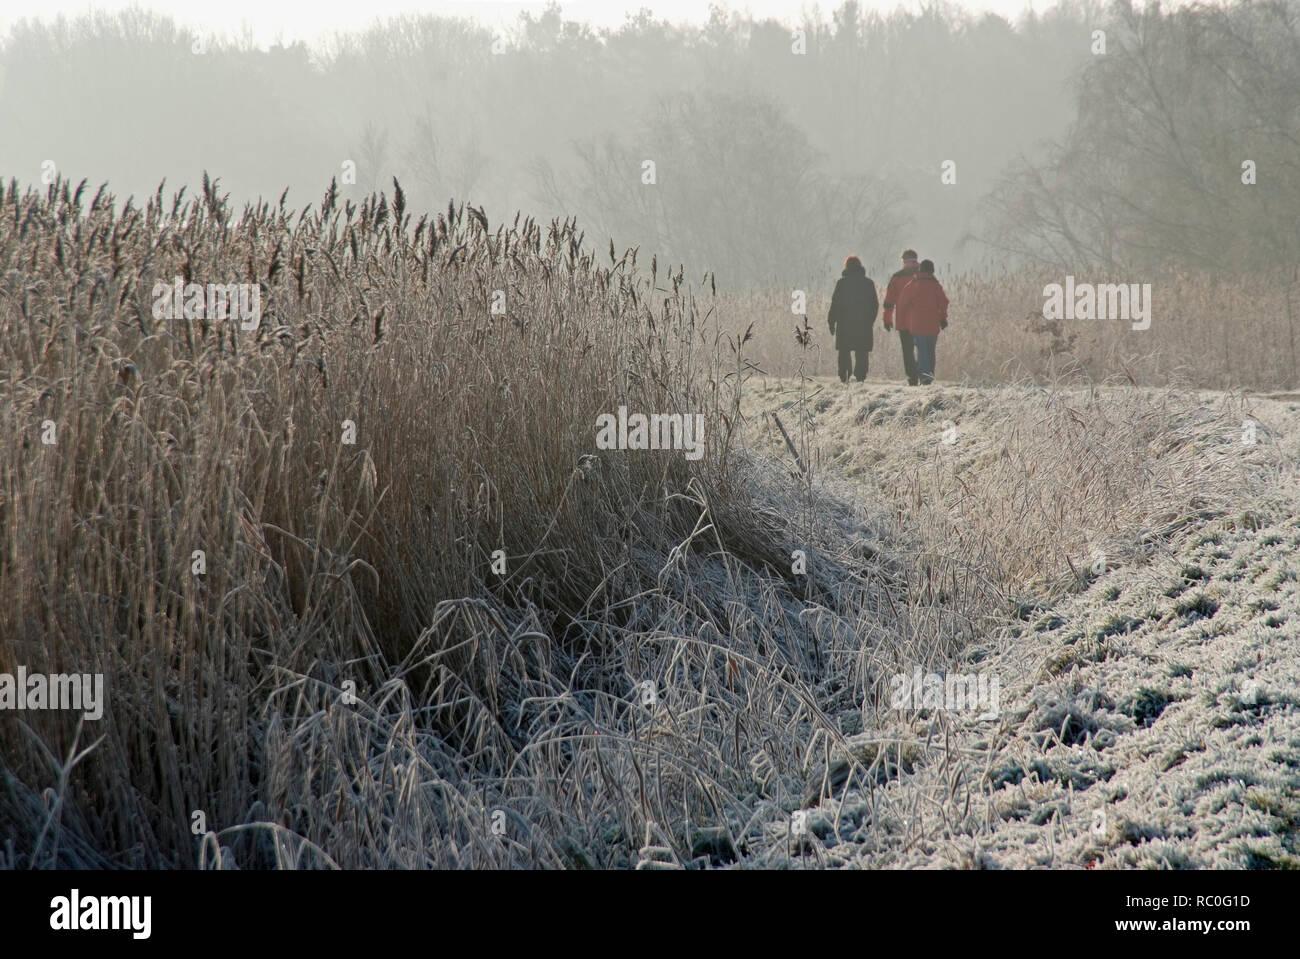 Menschen wandern auf dem Deich, Winterstimmung am Bodden, Born, Darss, Fischland-Darss-Zingst, Mecklenburg-Vorpommern, Deutschland, Europa | people wa - Stock Image